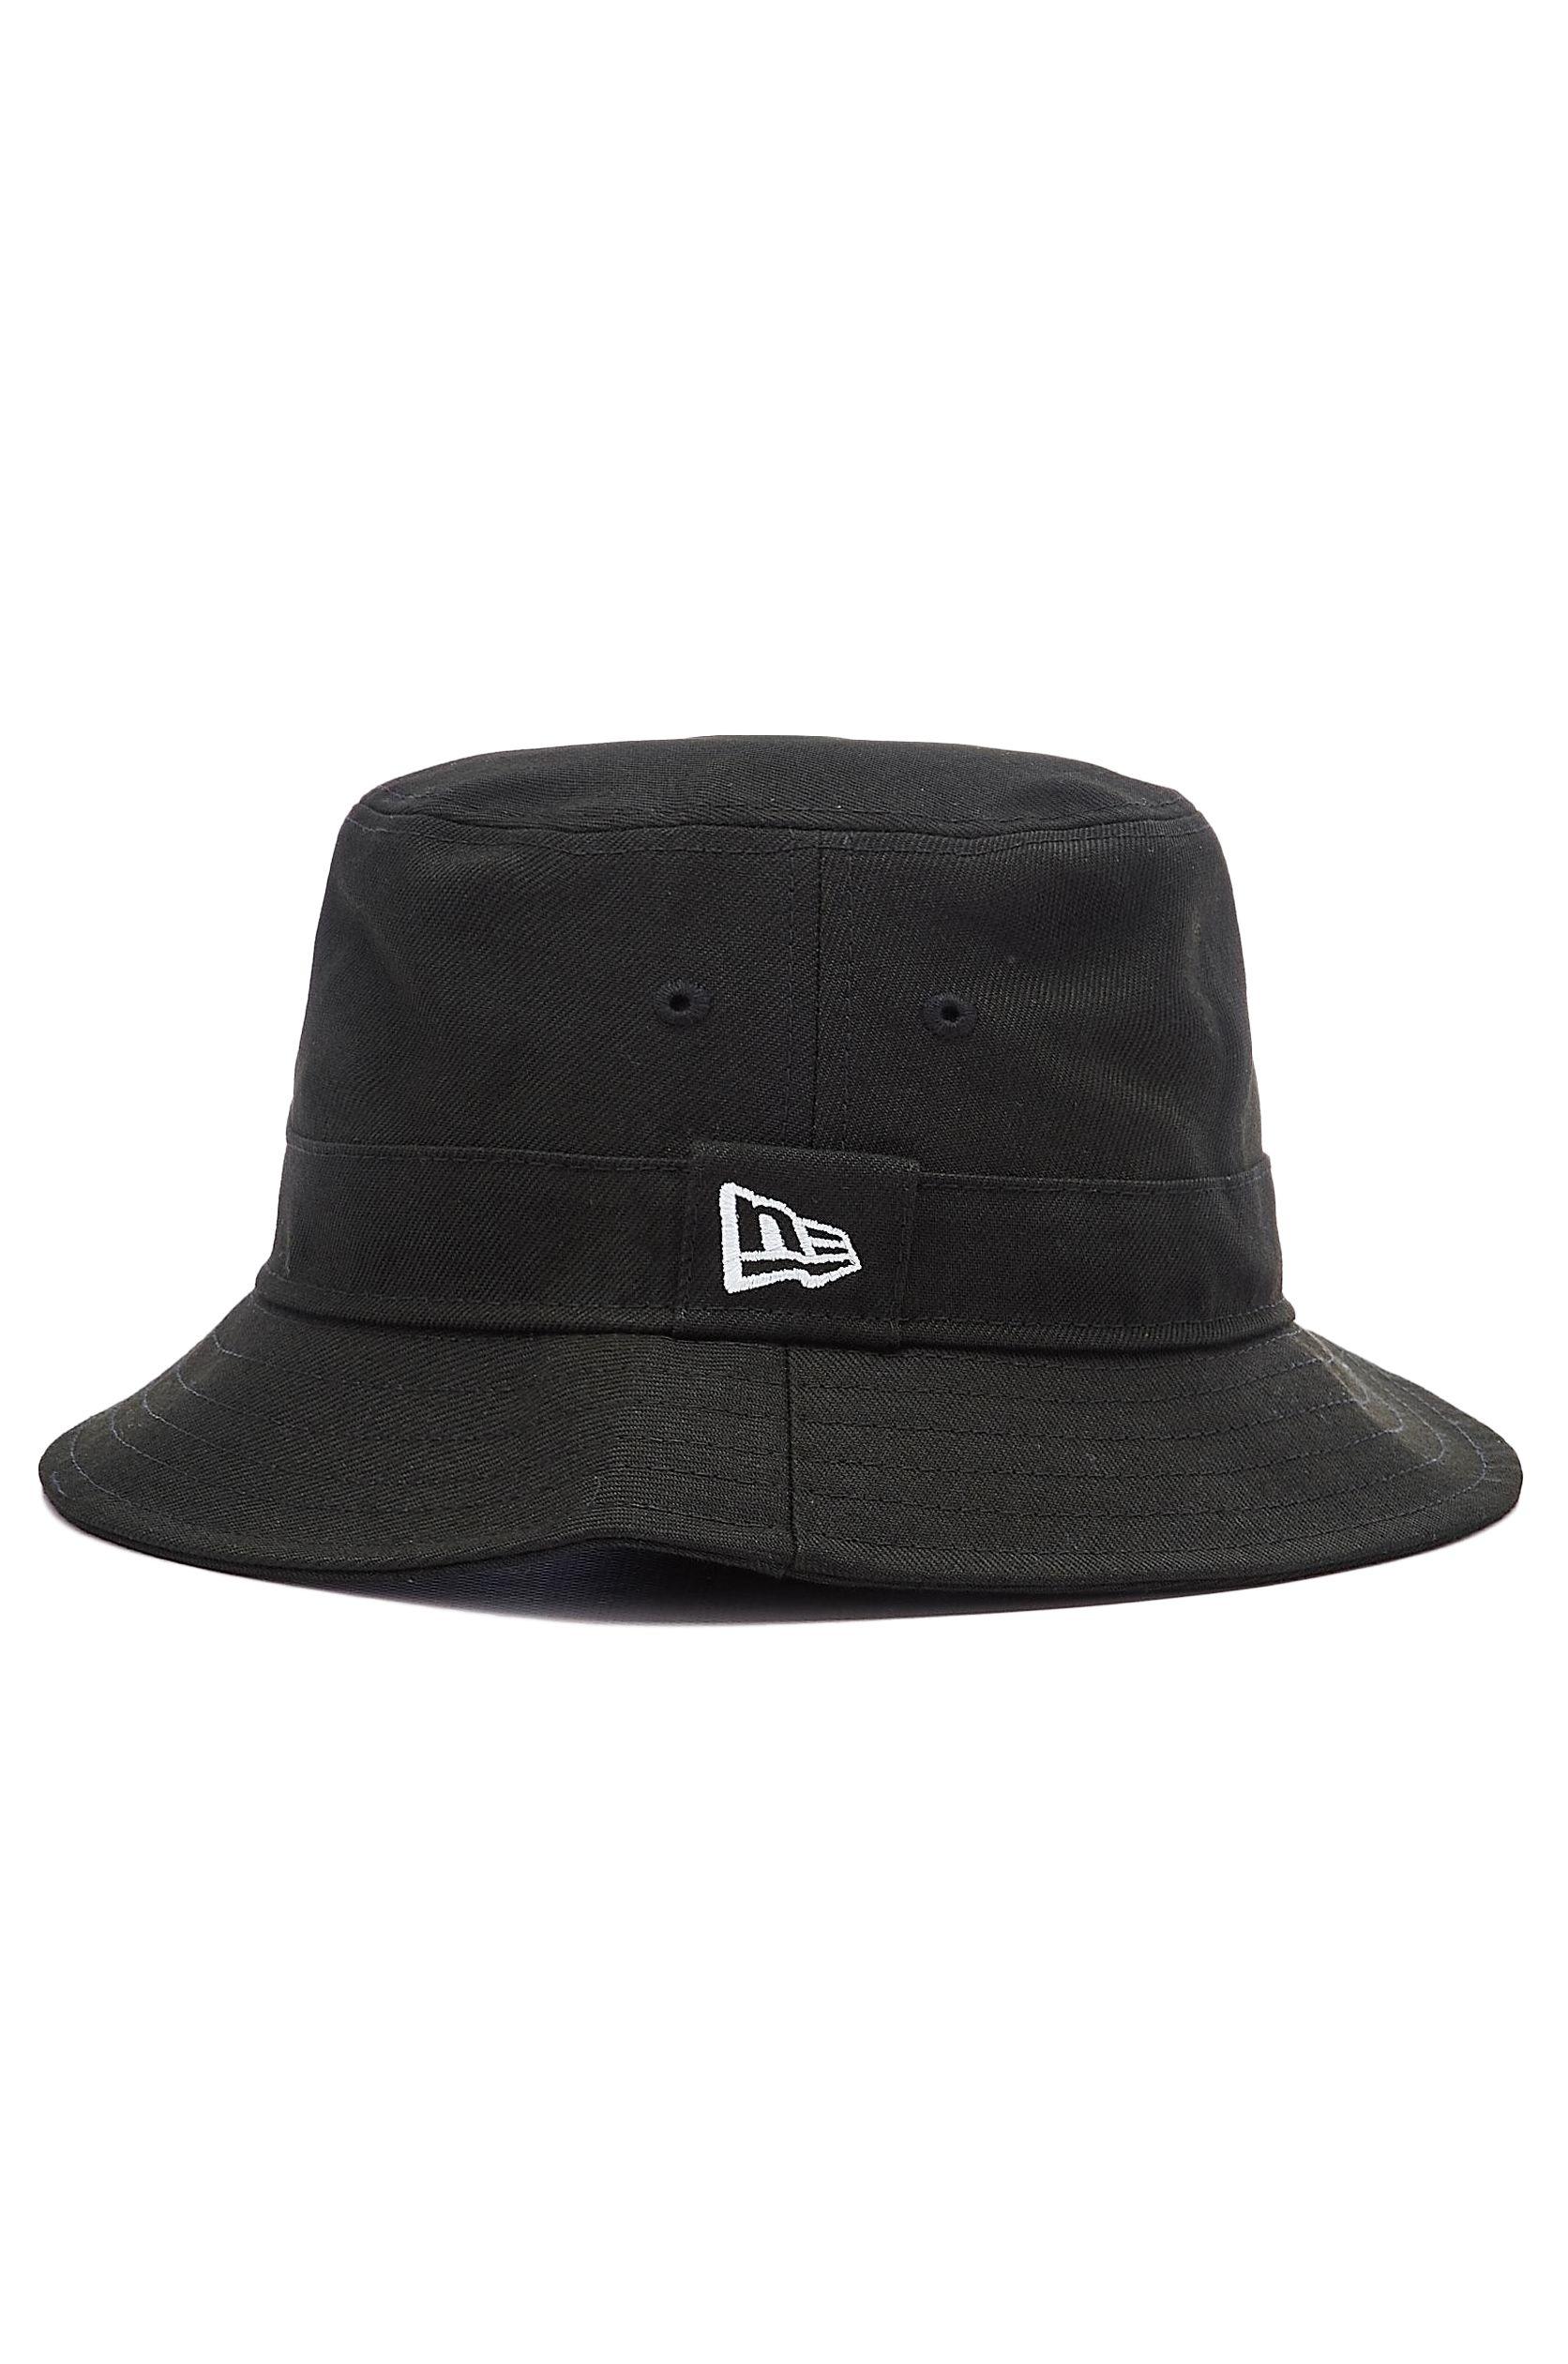 New Era Cap NE ESSENTIAL BUCKET Black